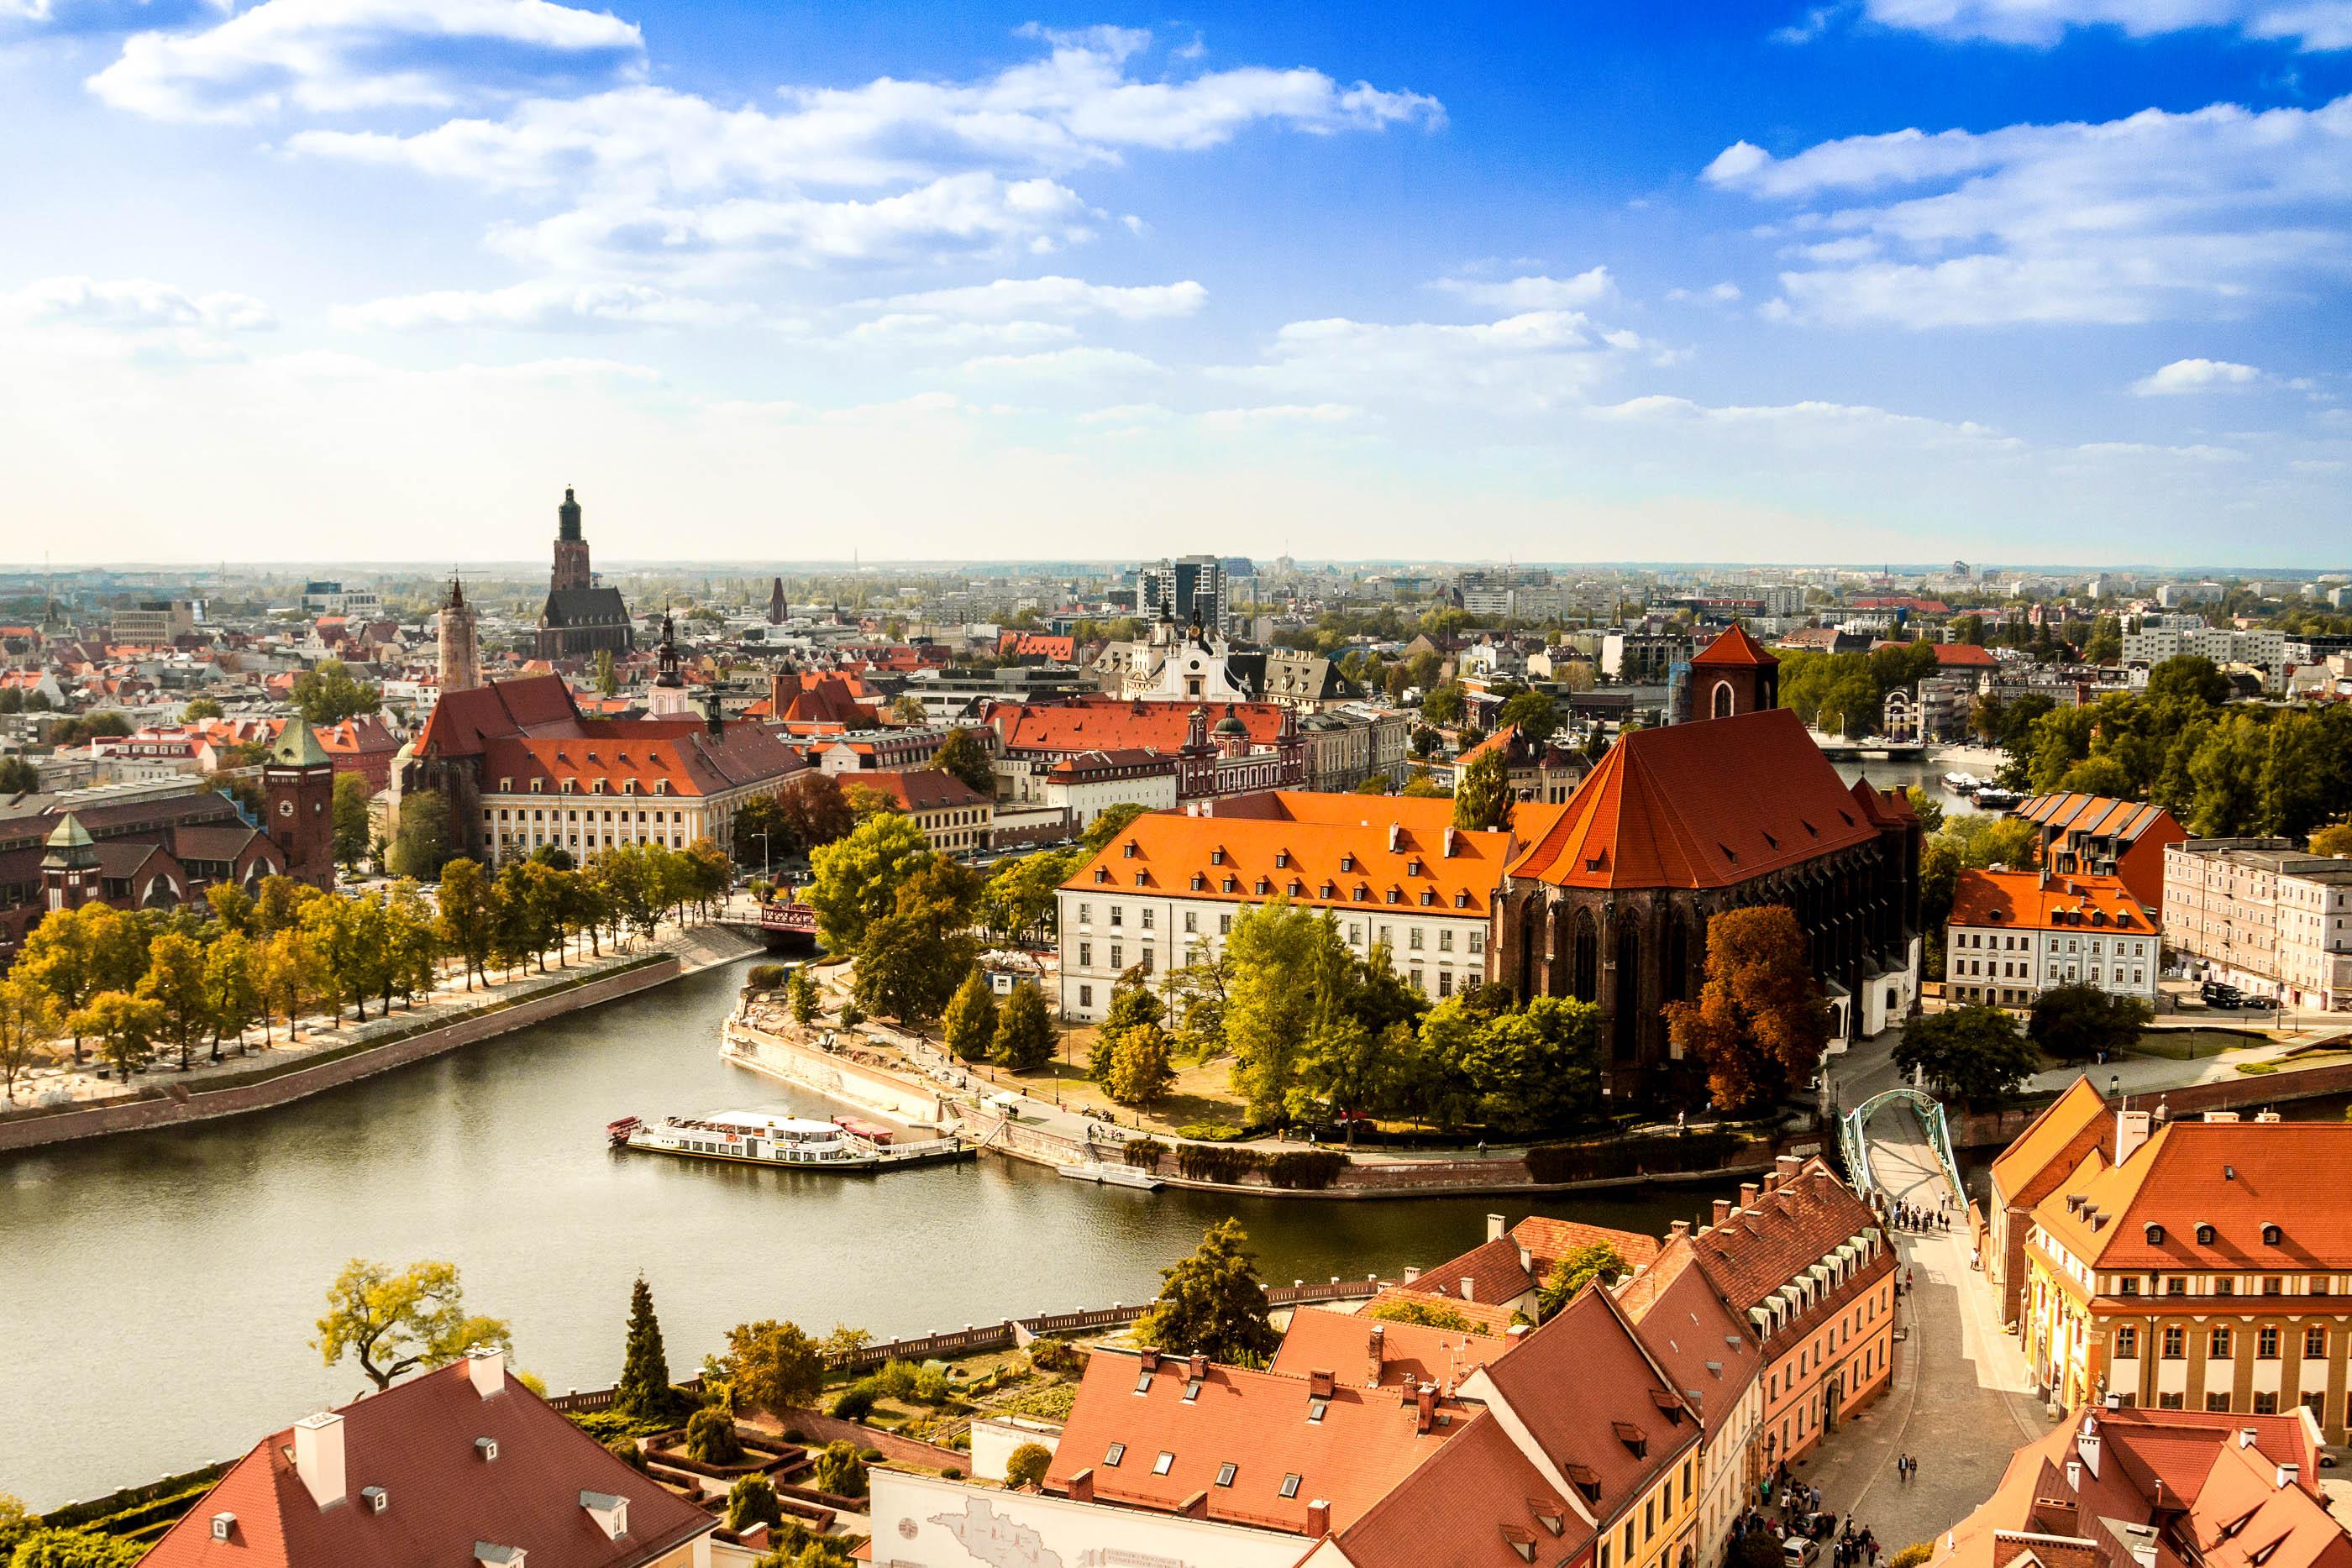 breslavia-es-una-de-les-ciutats-mes-antigu-secret-world